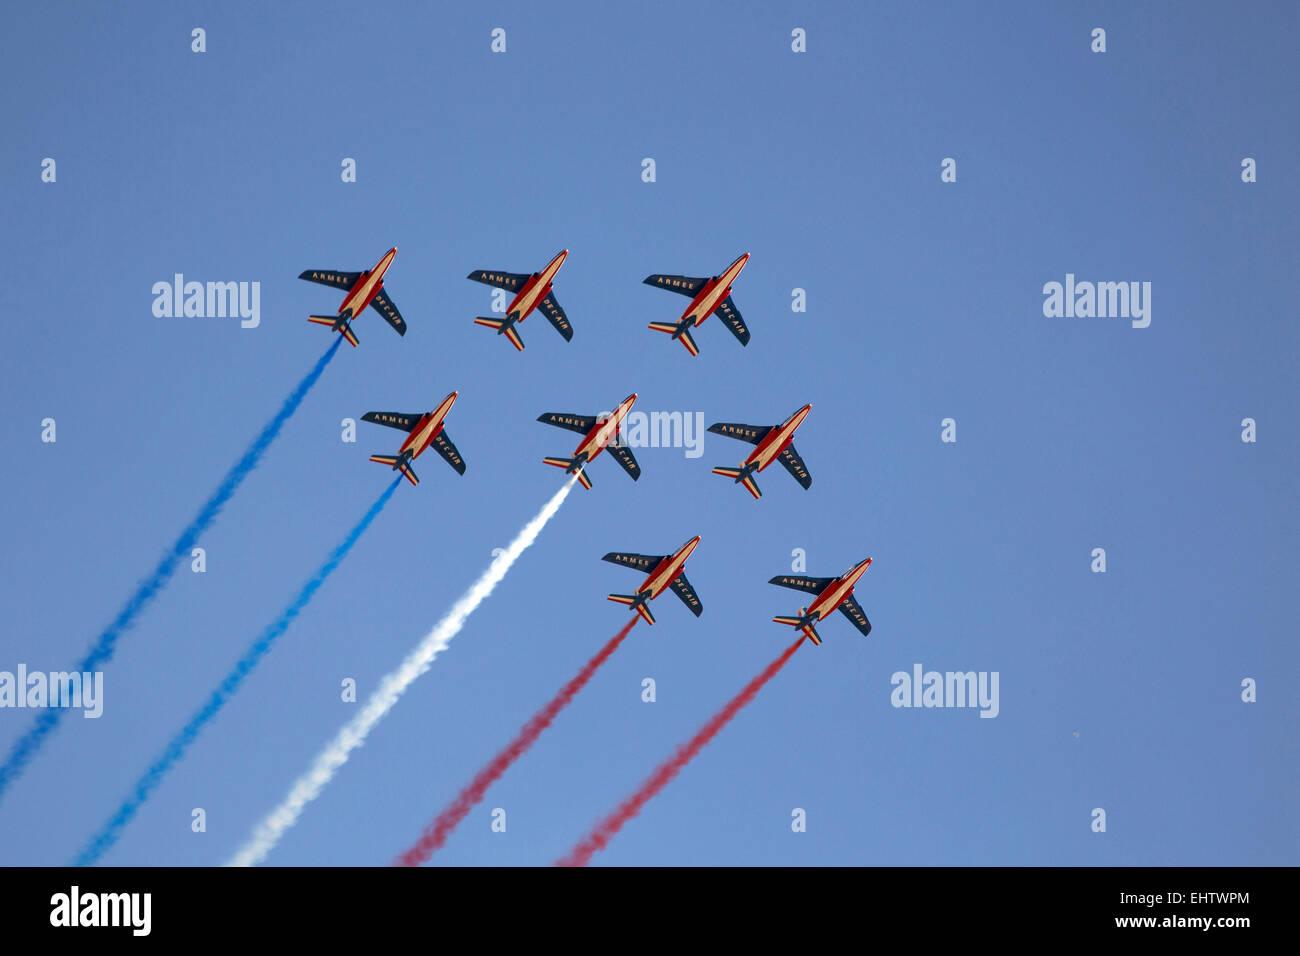 PATROUILLE DE FRANCE AIR ACROBATICS TEAM - Stock Image